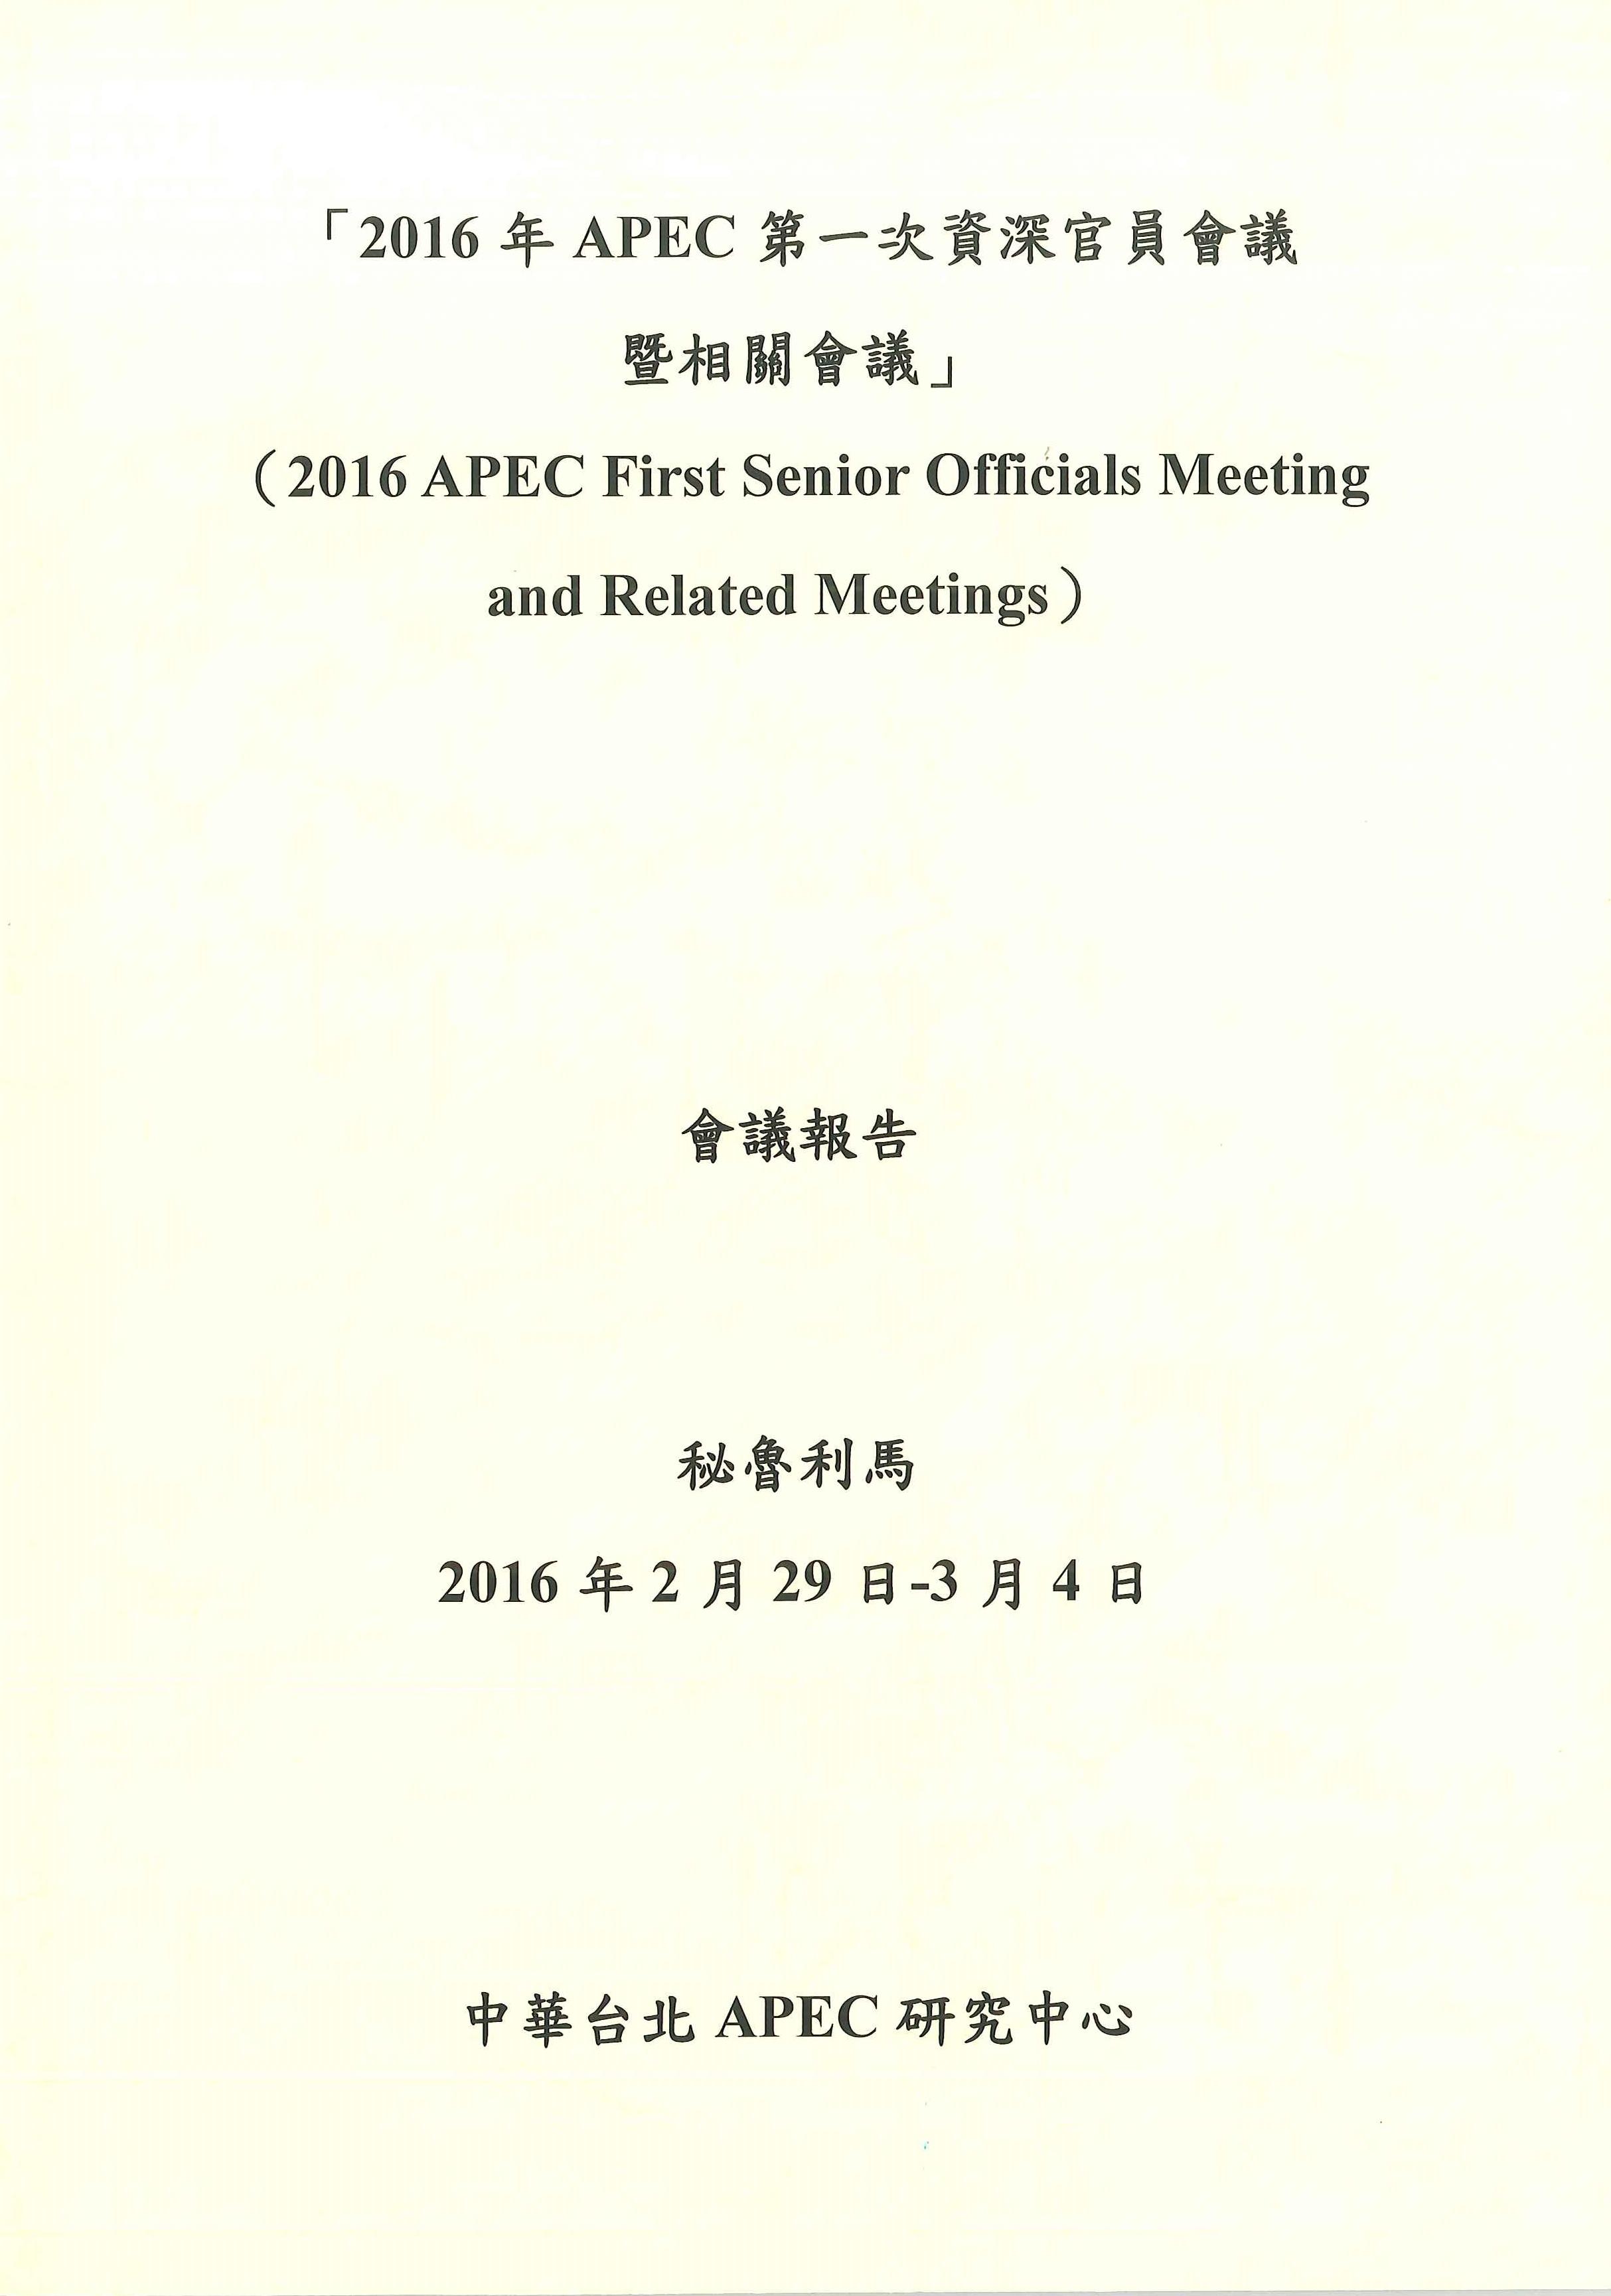 「2016年APEC第一次資深官員會議暨相關會議」會議報告=2016 APEC first senior officials meeting and related meeting